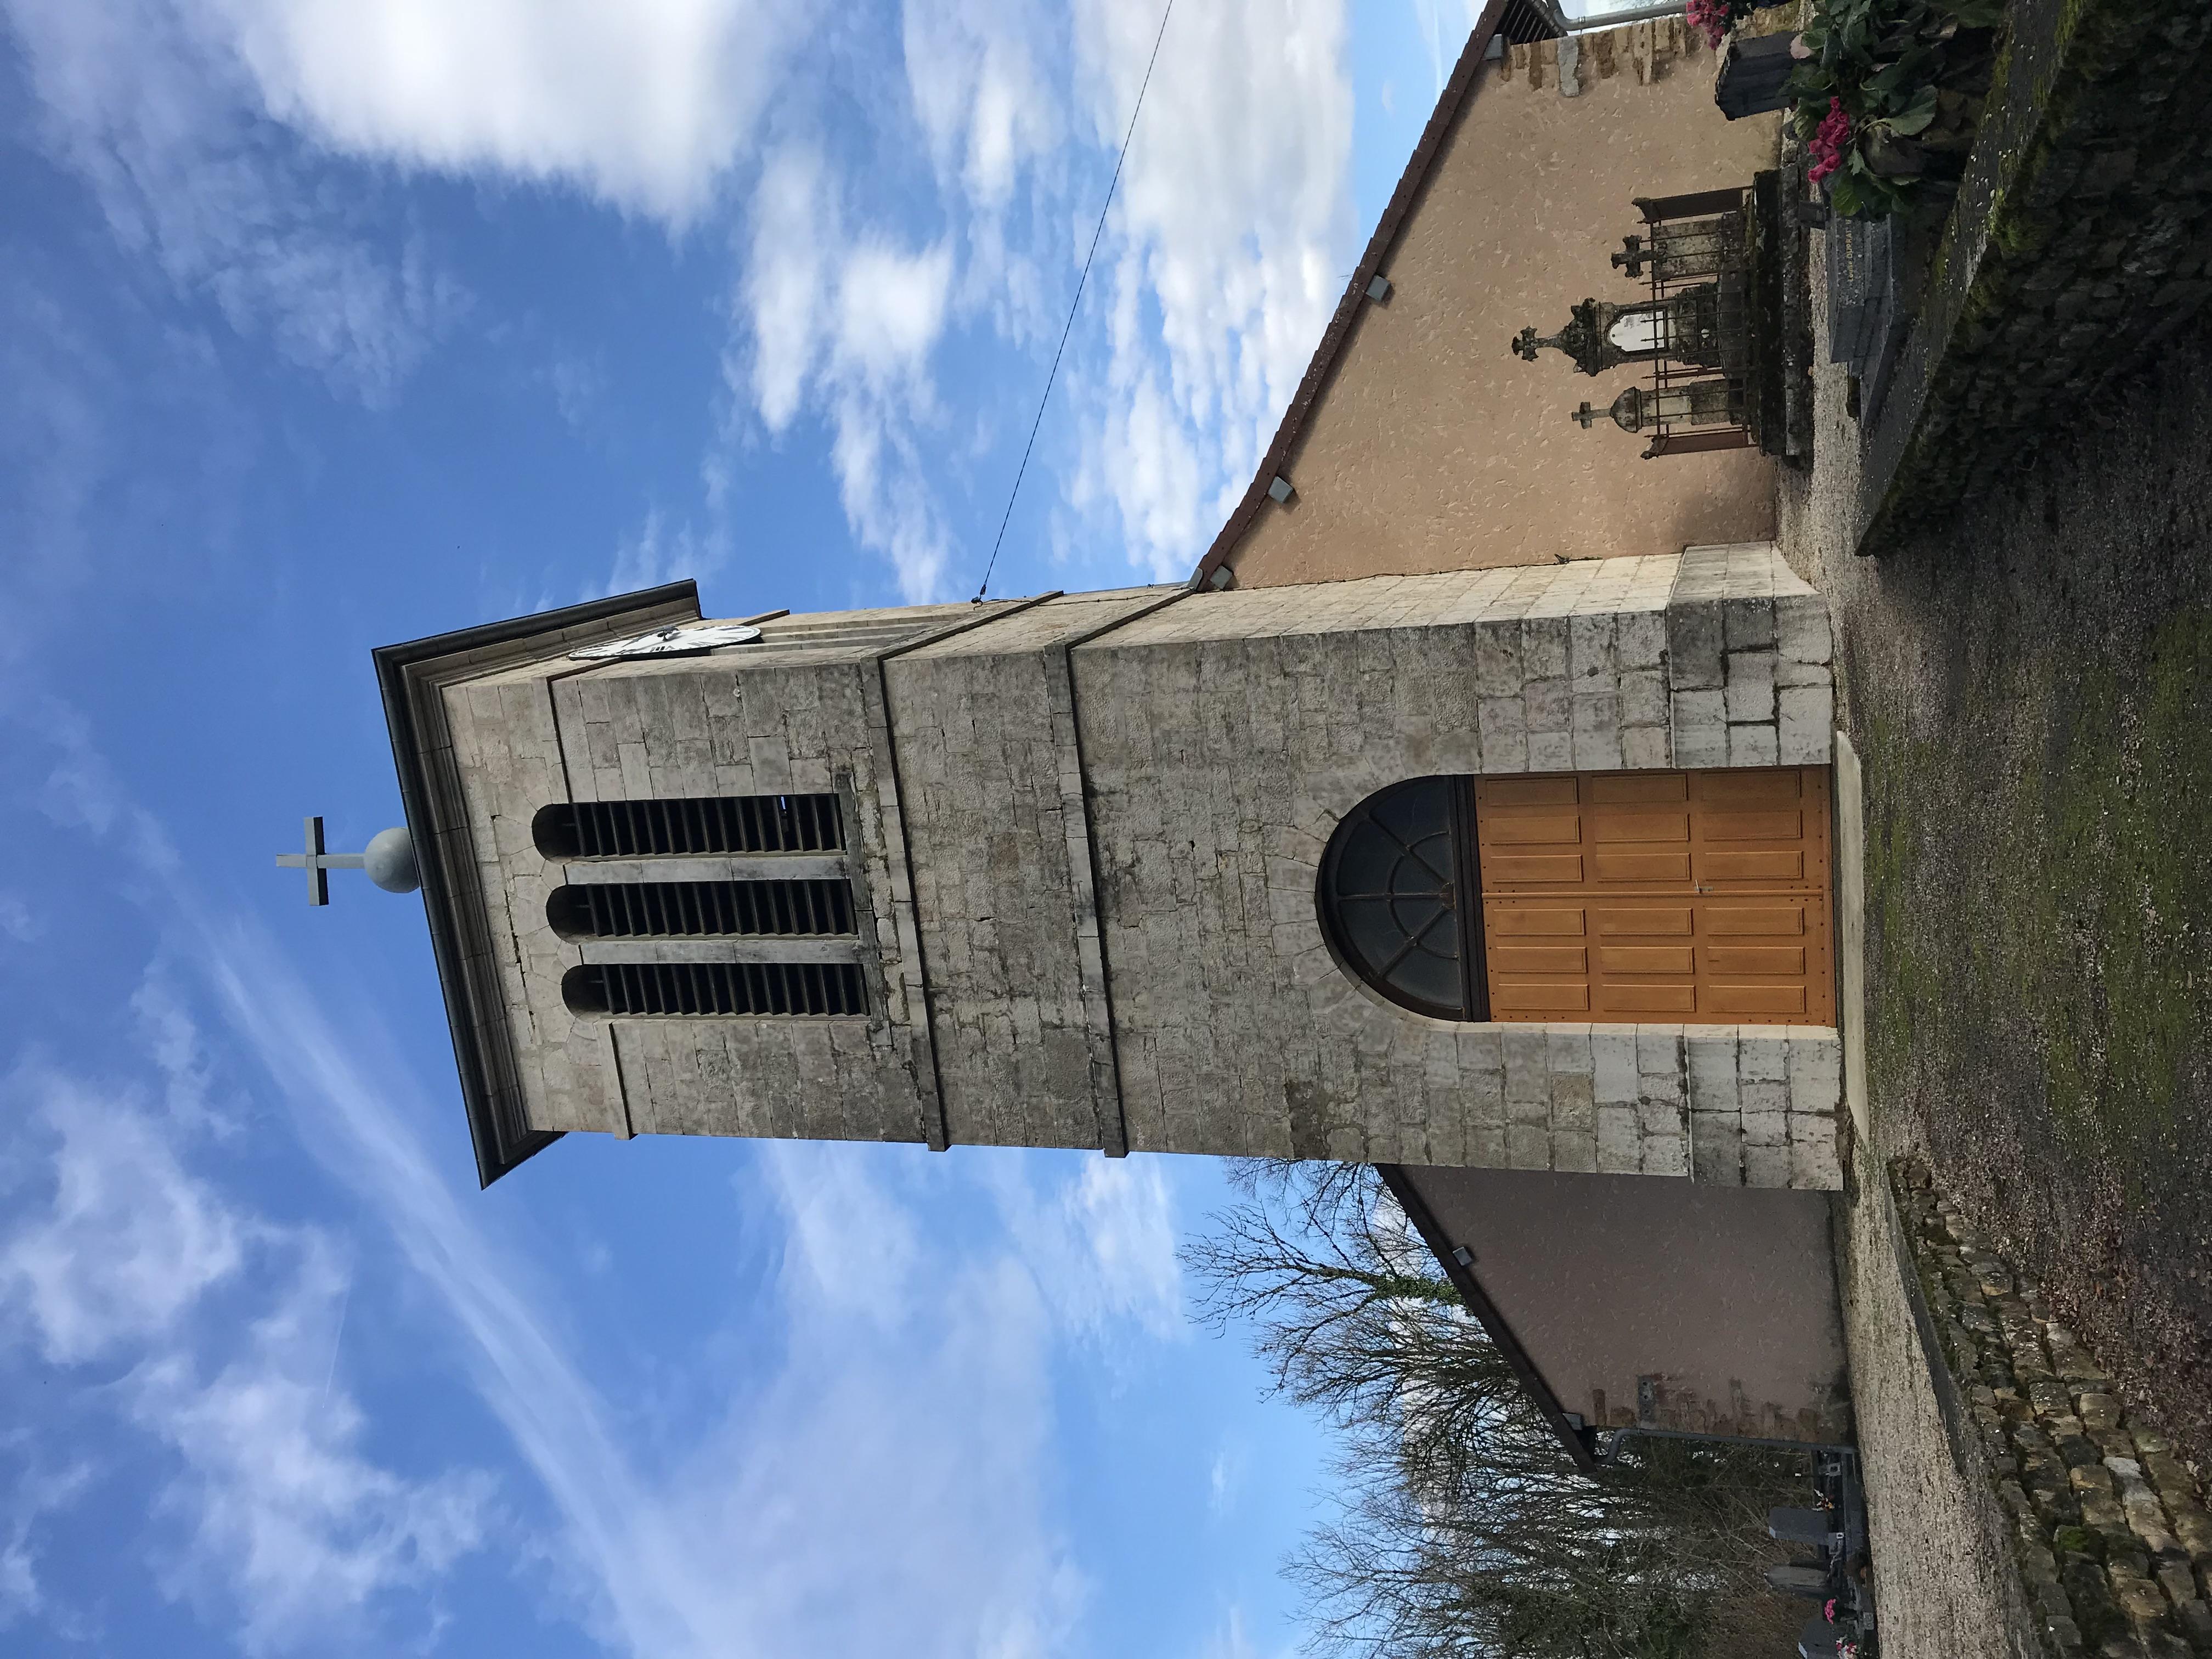 File:Sur la butte de Saint-Cyr-Montmalin (Jura, France) le 6 janvier 2018 - 15.JPG - Wikimedia ...